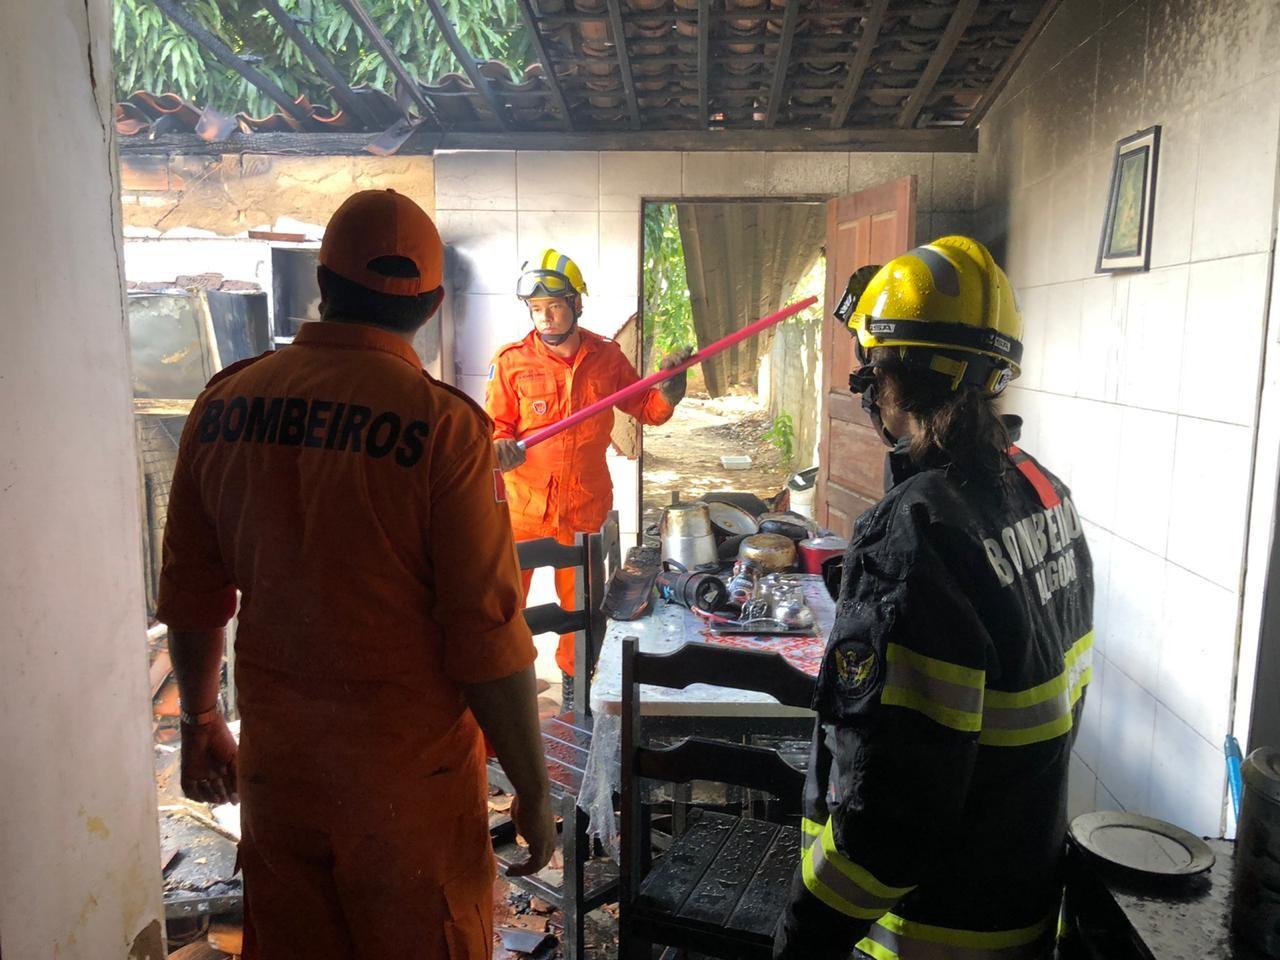 Incêndio destrói cozinha de residência em Penedo, AL - Notícias - Plantão Diário